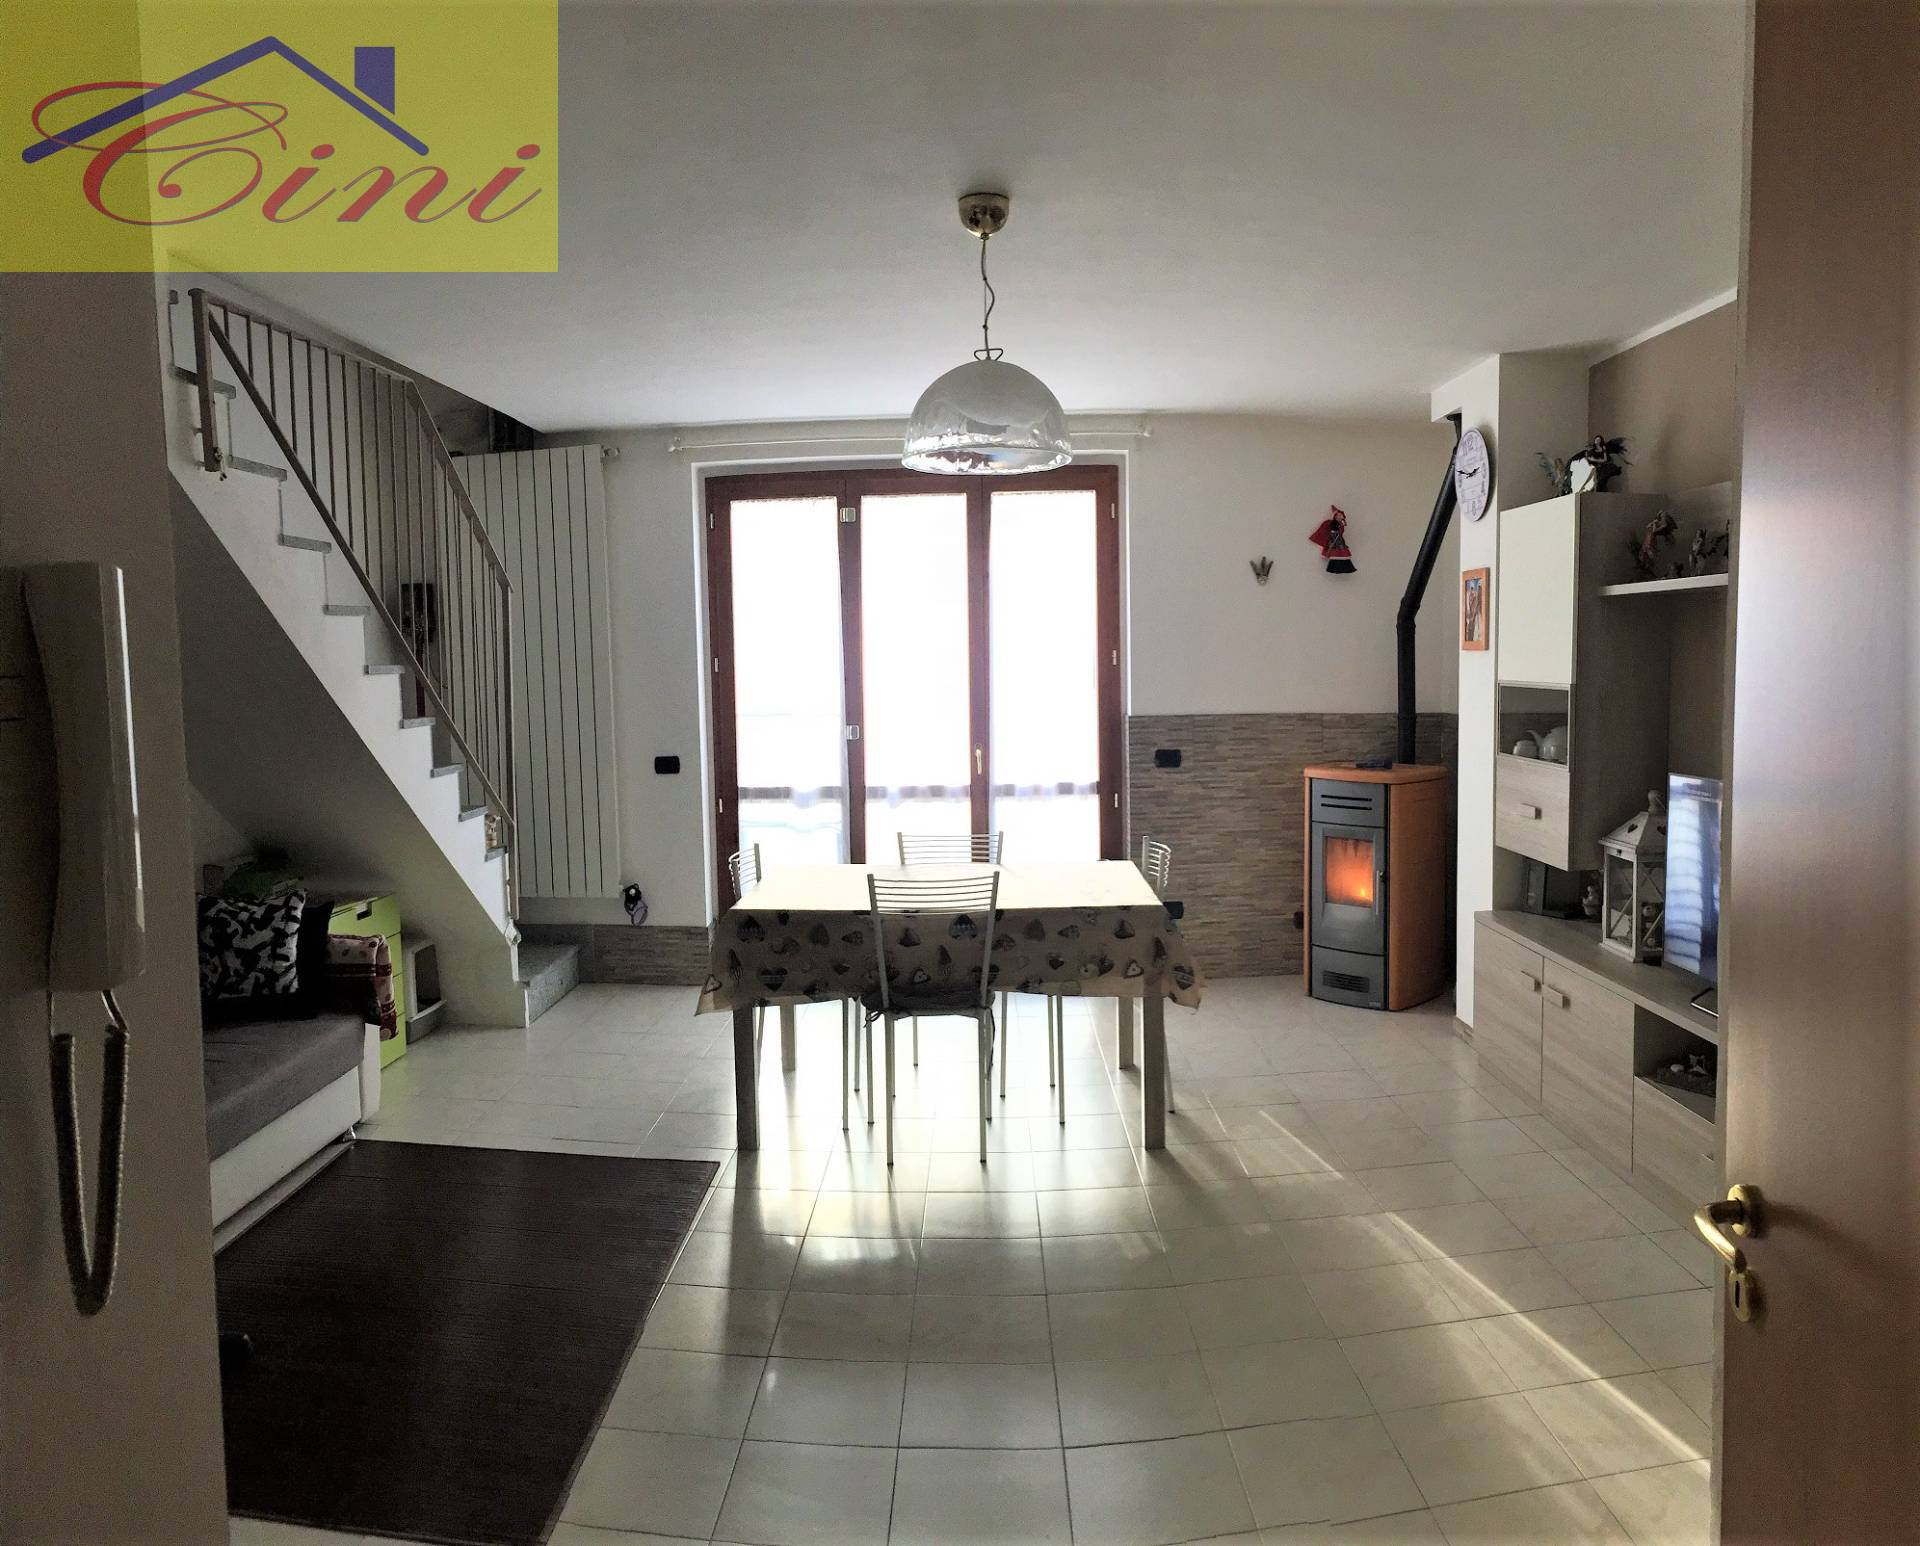 Appartamento in vendita a Cremeno, 3 locali, zona io, prezzo € 99.000   PortaleAgenzieImmobiliari.it